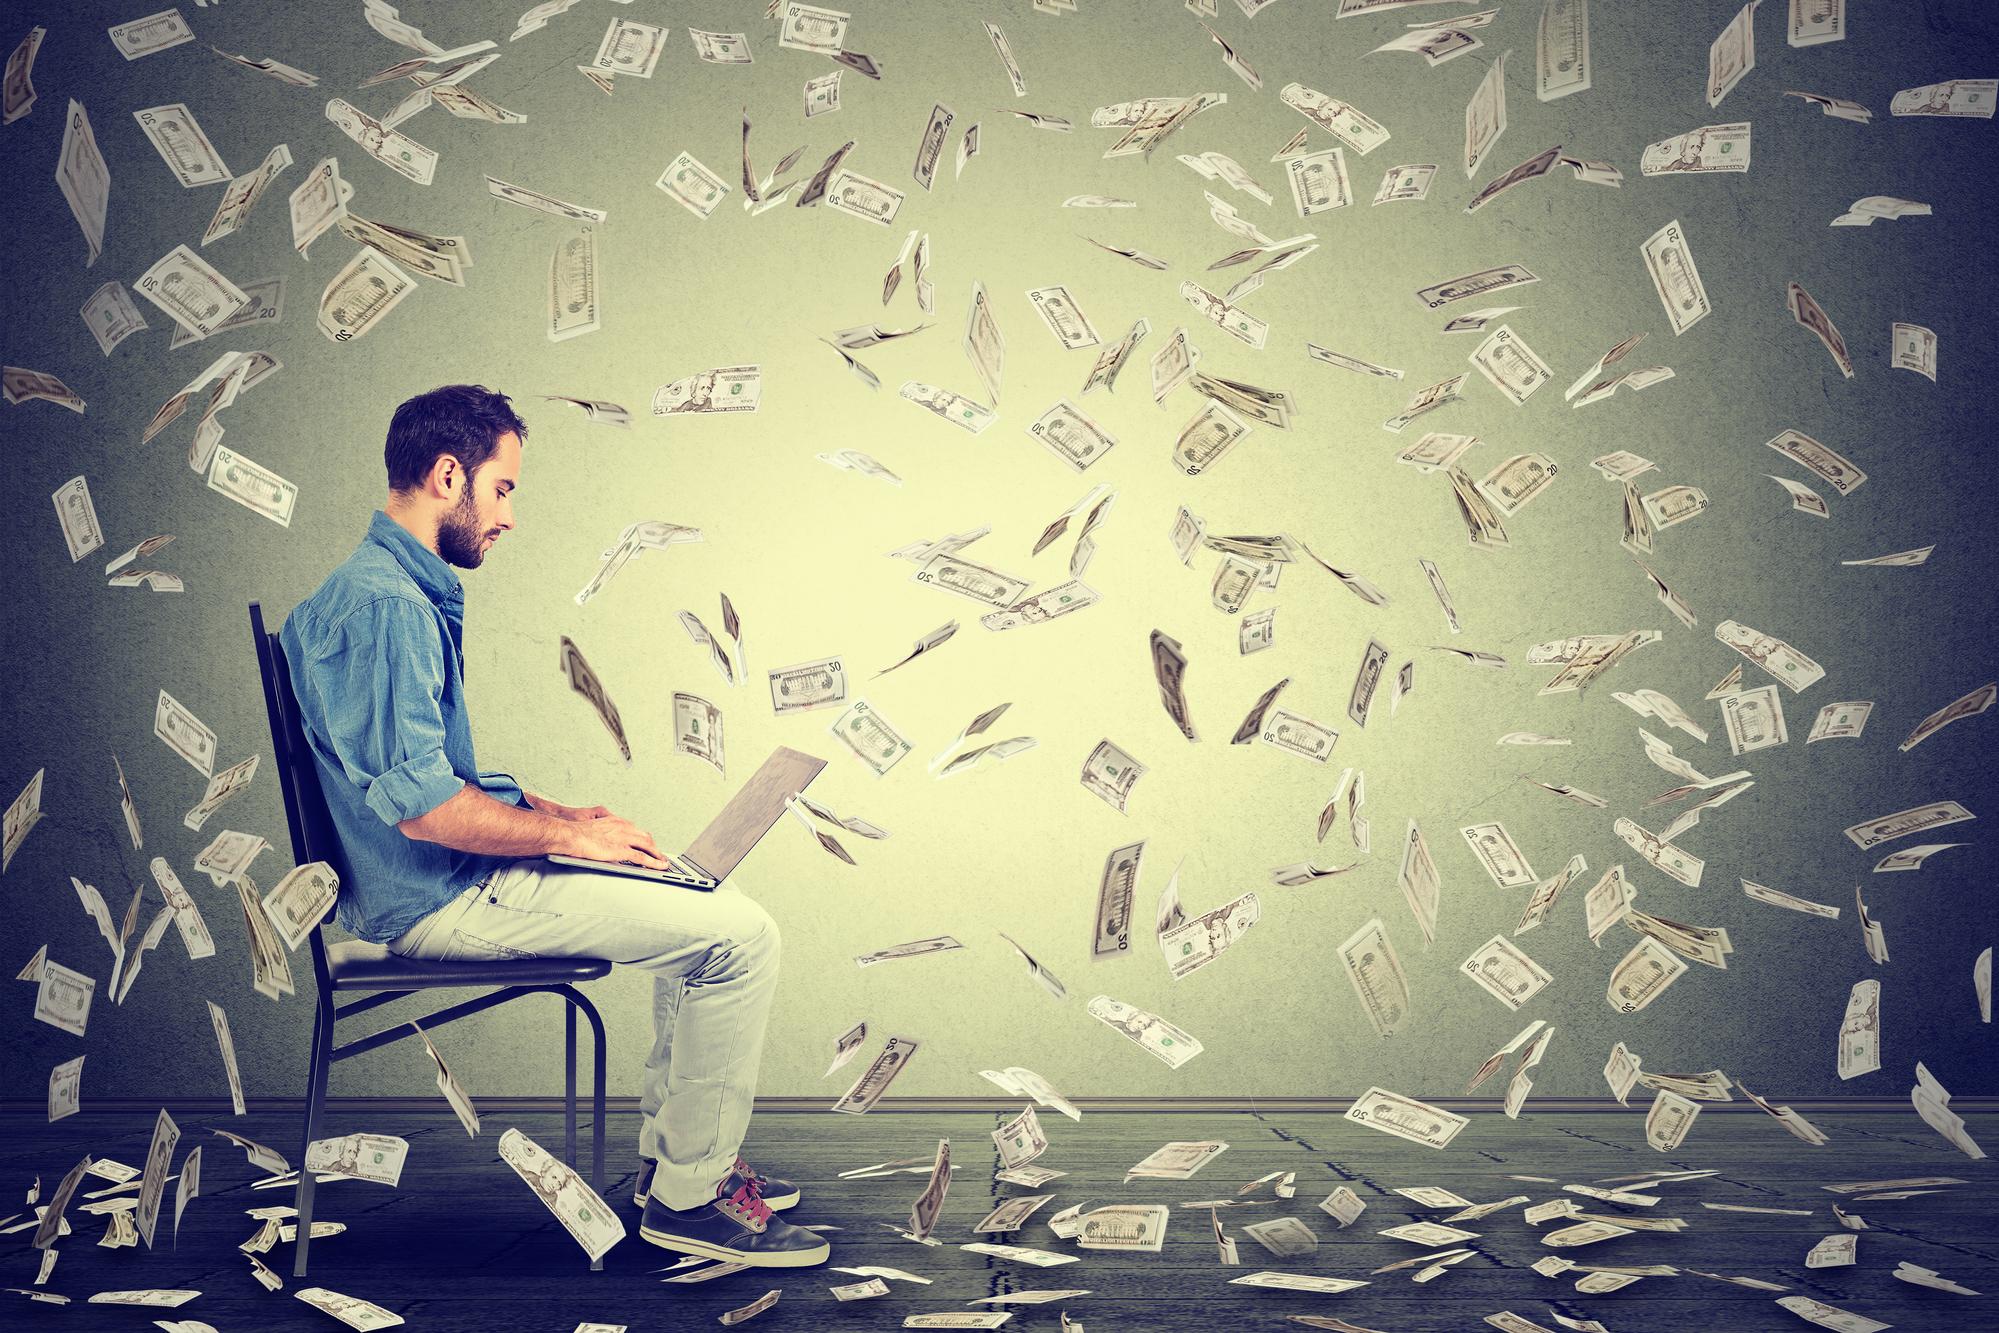 Ways to make money on fiverr